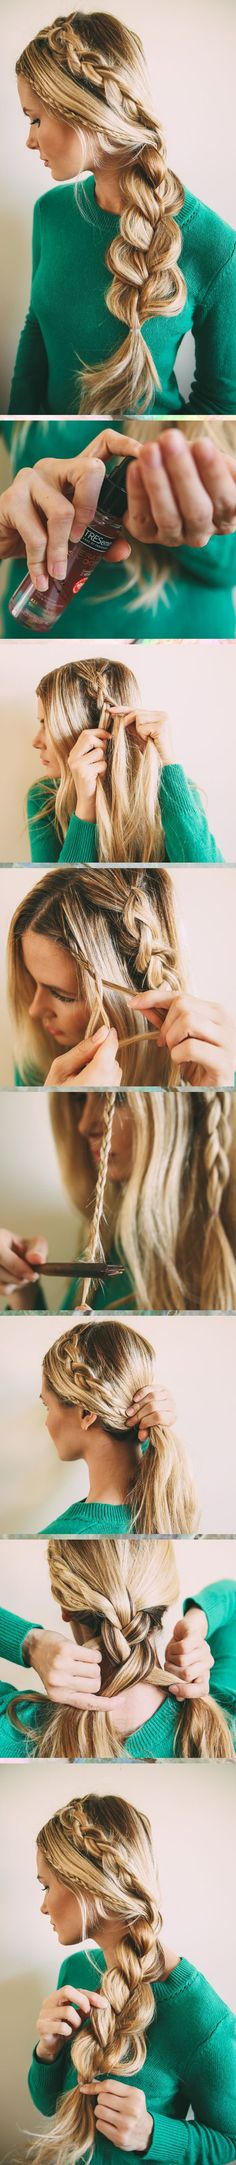 Atrévete a jugar con tu pelo e inspírate con estos tres bellos peinados para esta temporada primavera-verano. ¡Sigue los pasos! ¿Cuál es tu preferido? ¡Déjanos un comentario al final del post! 1 Renueva la clásica cola de caballo. Este es un peinado cómodo pero lleno de detalles que lo hacen único. 2 Esta trenza princesa…